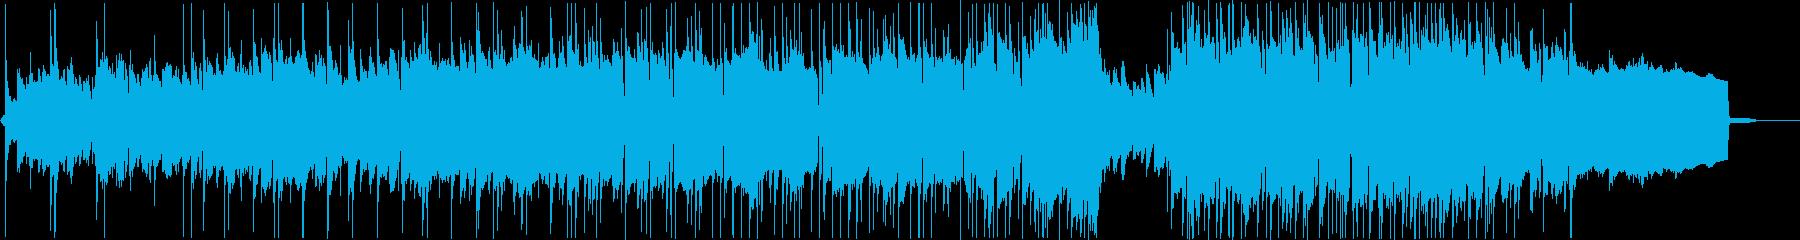 エモーショナルなエンディング曲の再生済みの波形